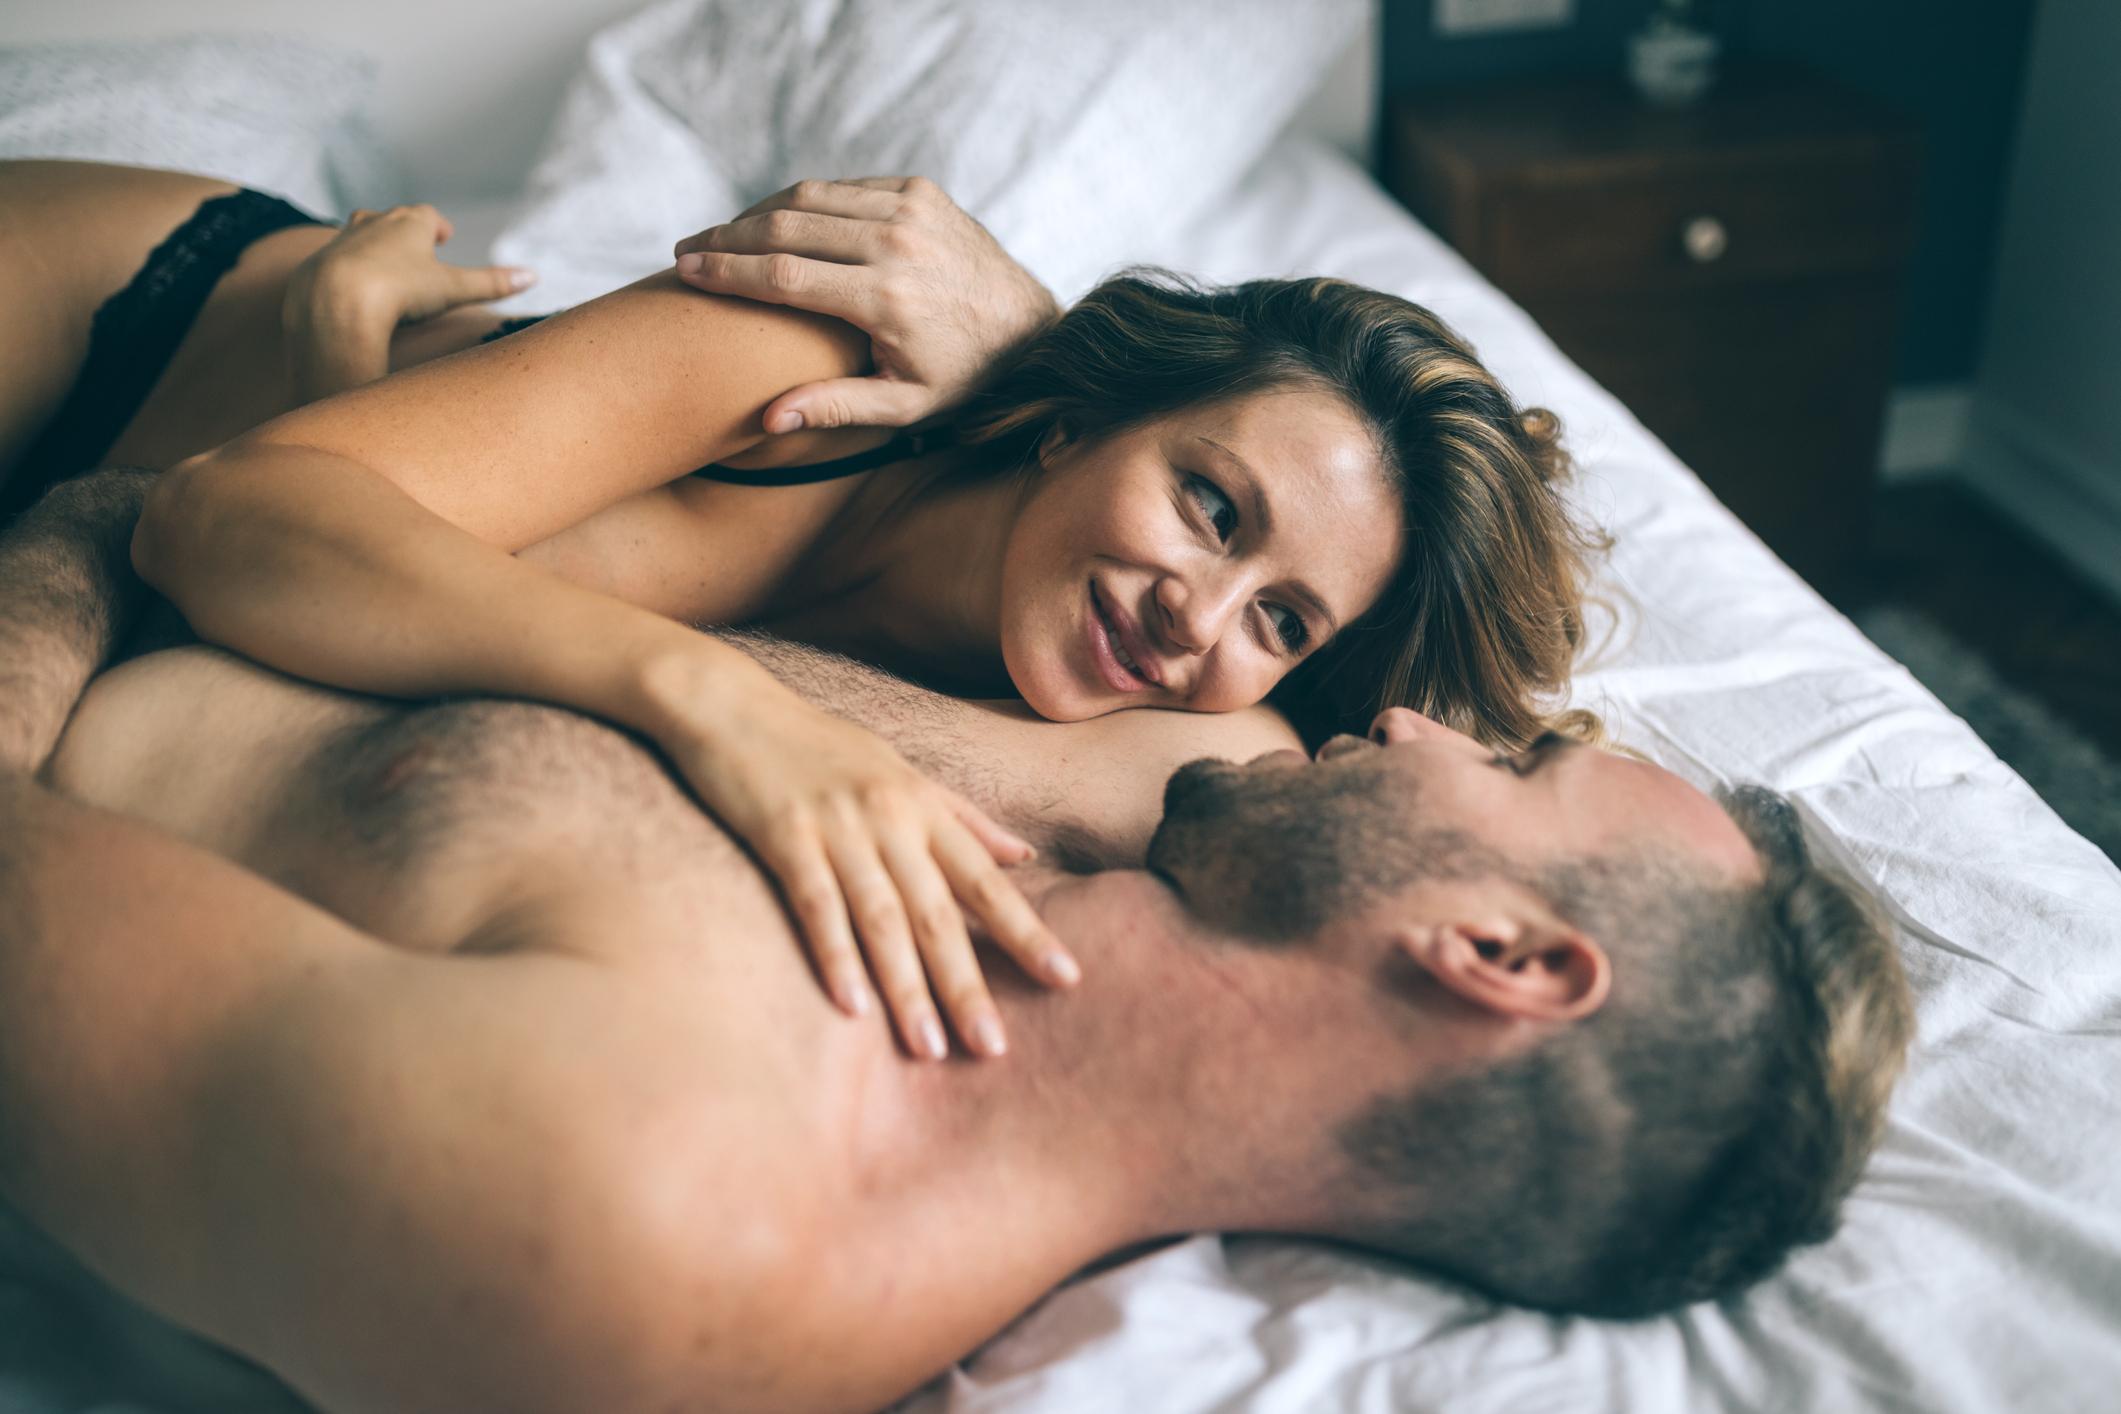 Otkrivajte partnerovo tijelo iznova i iznova te pritom izbjegavajte dobro poznate pokrete.